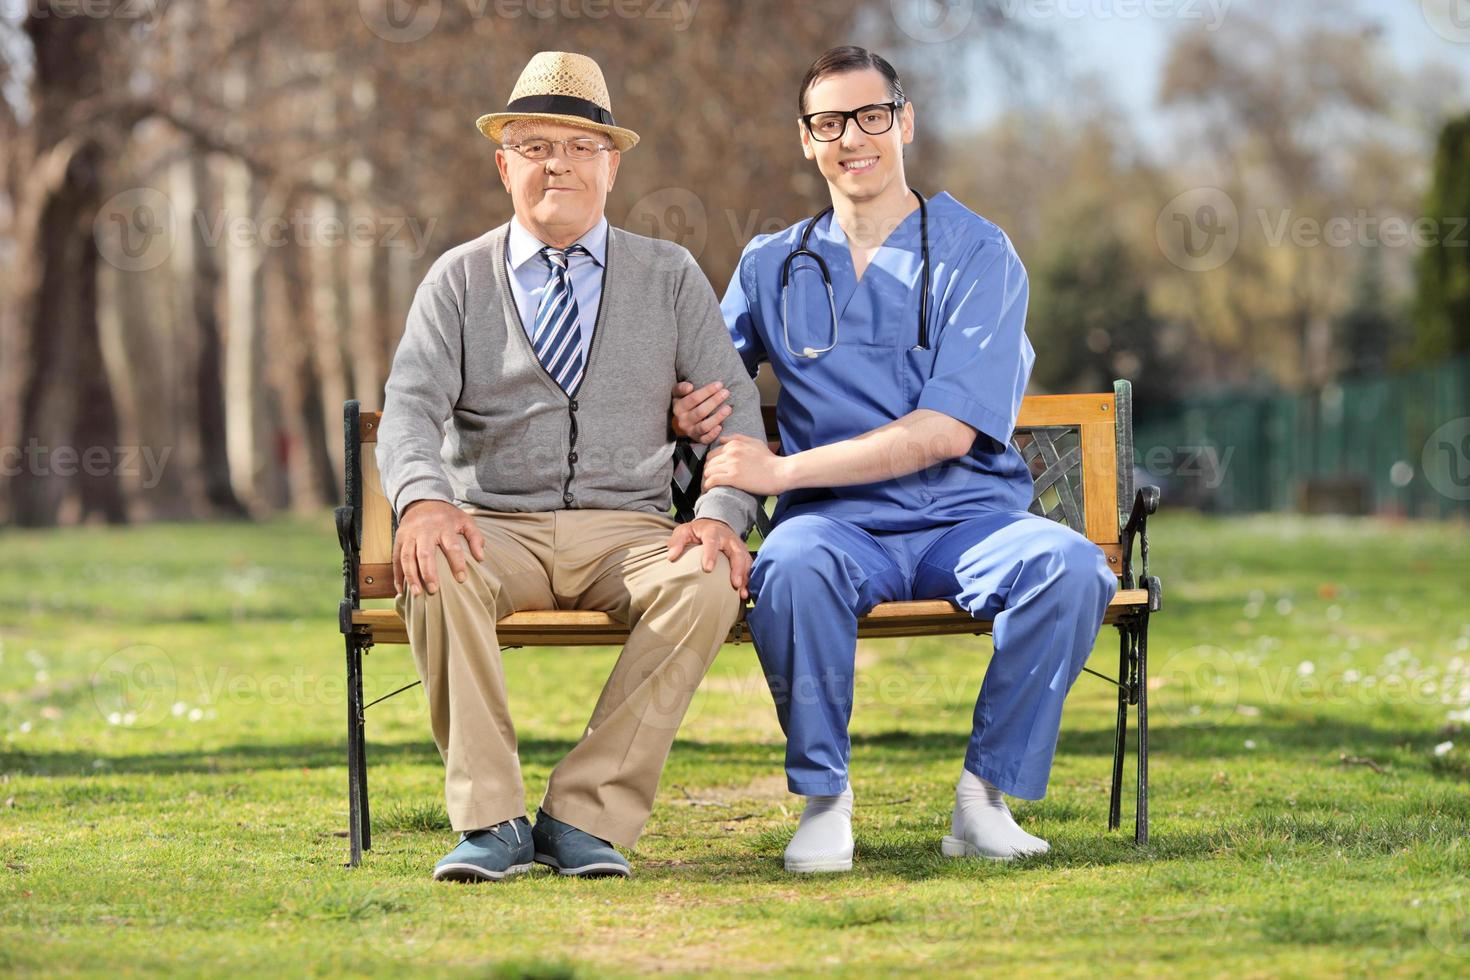 senior gentleman och en manlig sjuksköterska som sitter på bänken foto